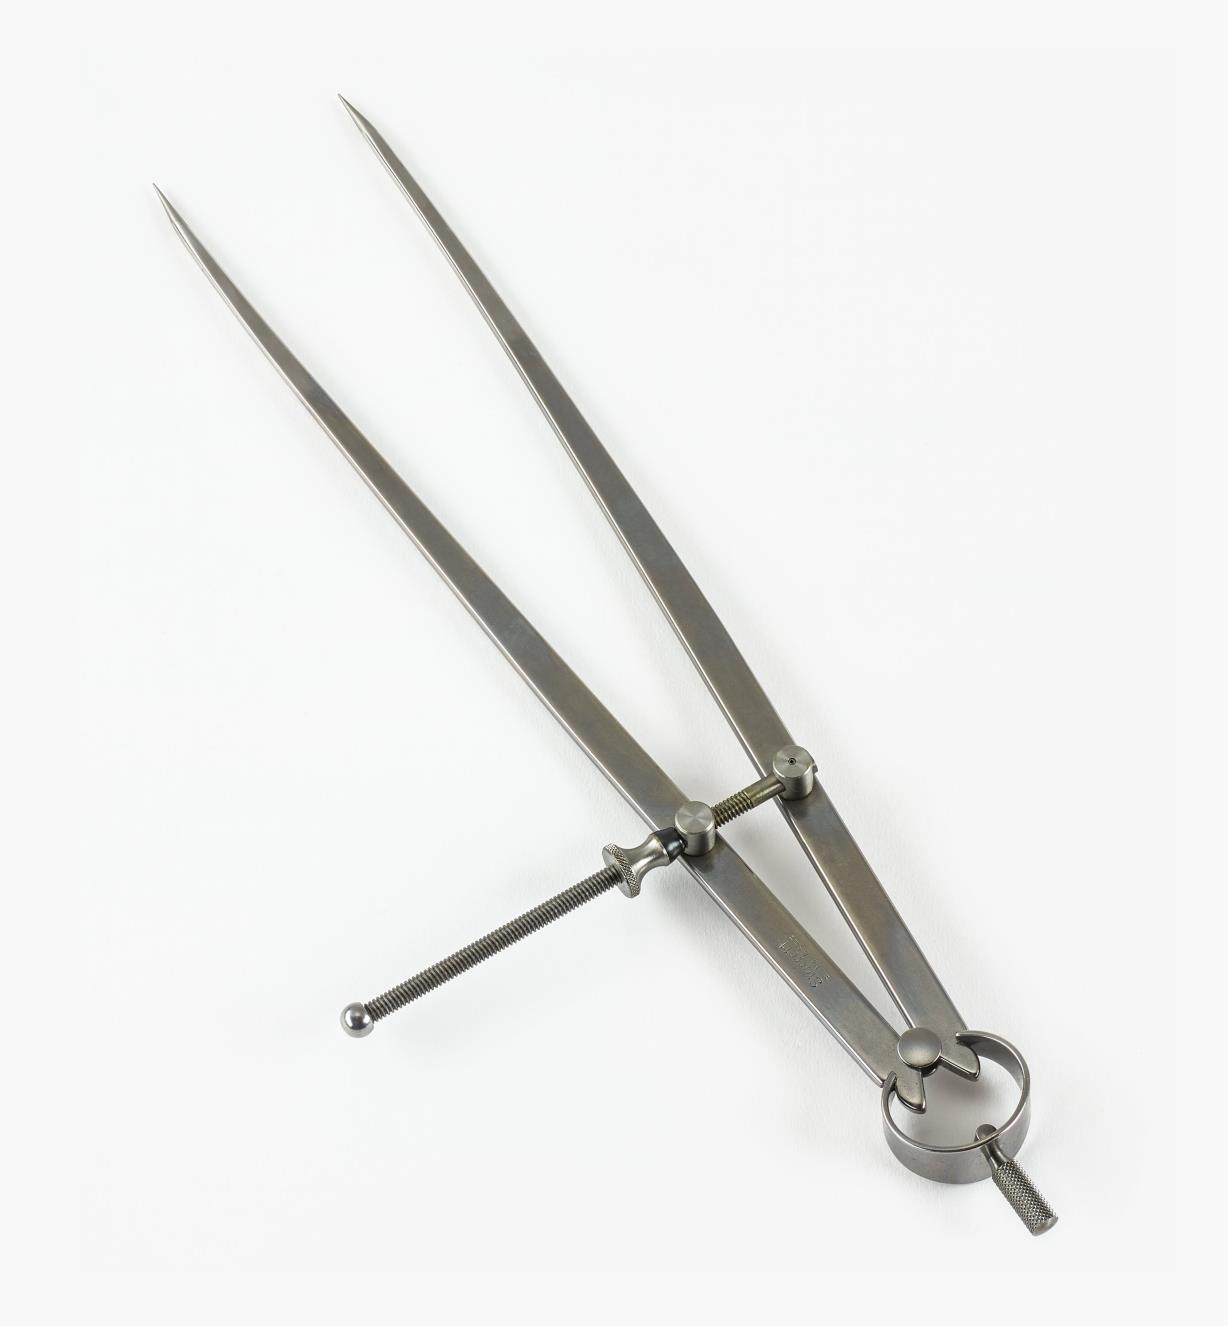 30N2524 - Compas à pointes sèches à écrou standard, 12 po